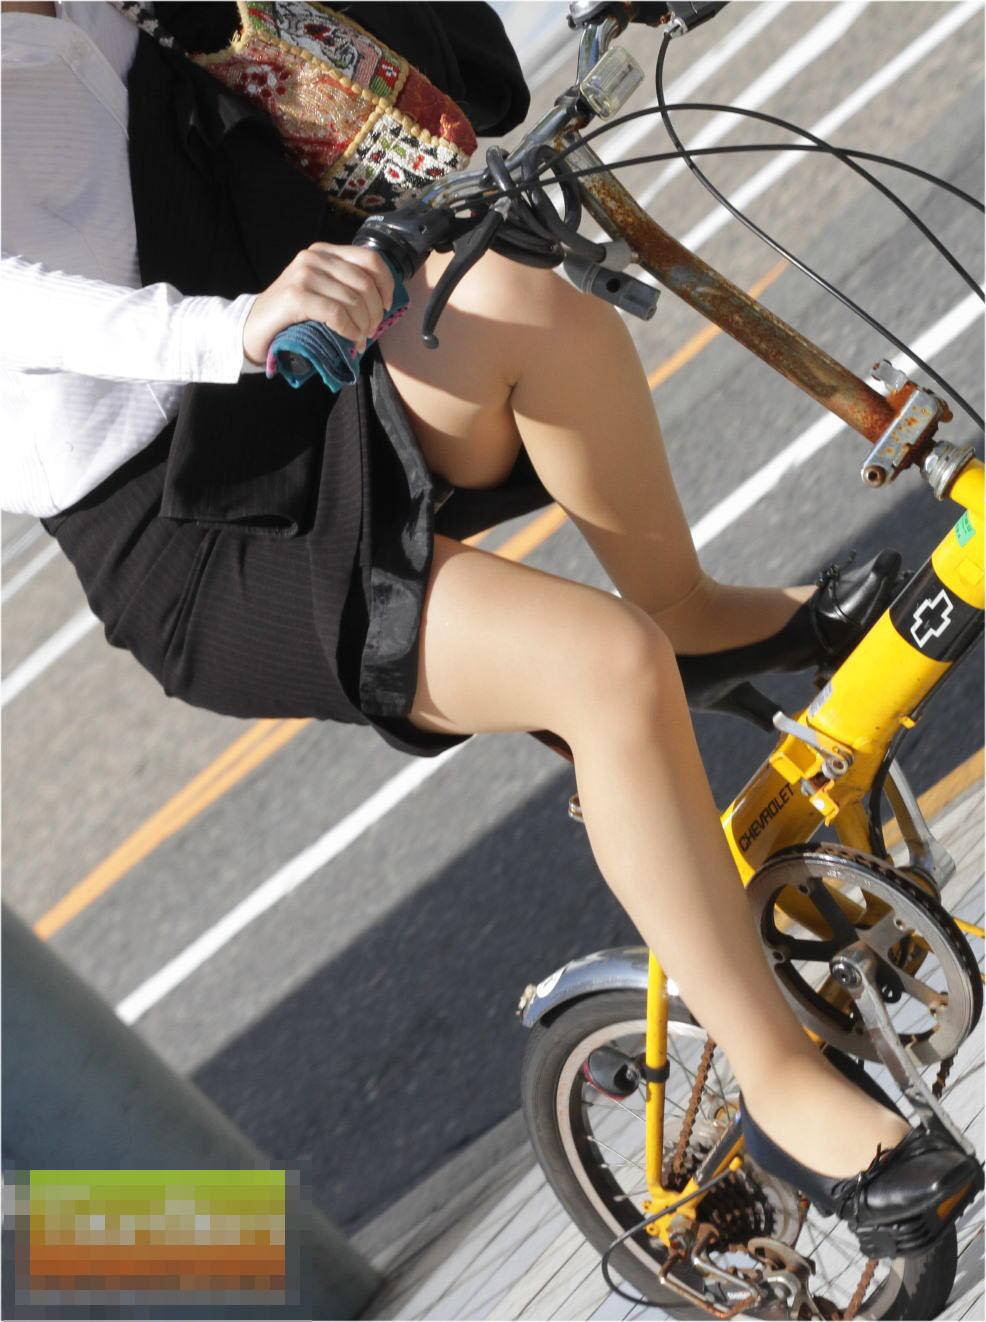 新卒OLの垢抜けない田舎の匂いがする自転車通勤盗撮エロ画像7枚目